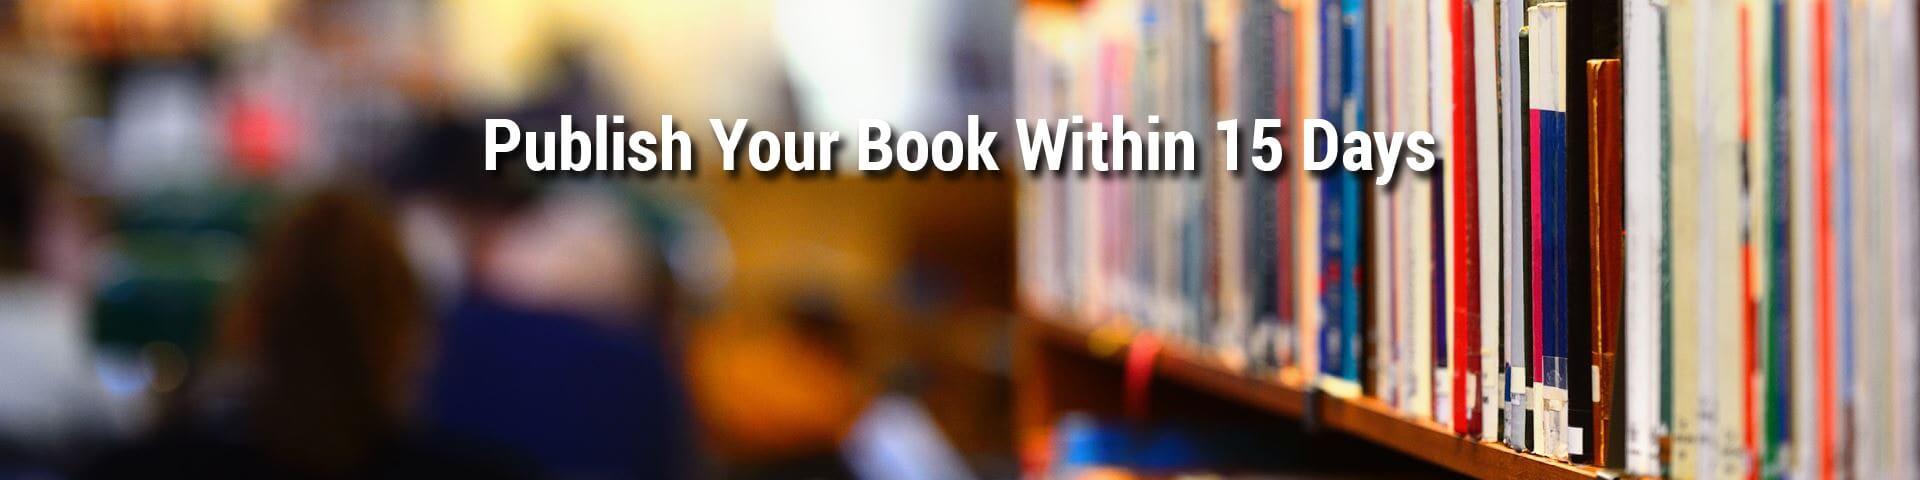 Weser Books